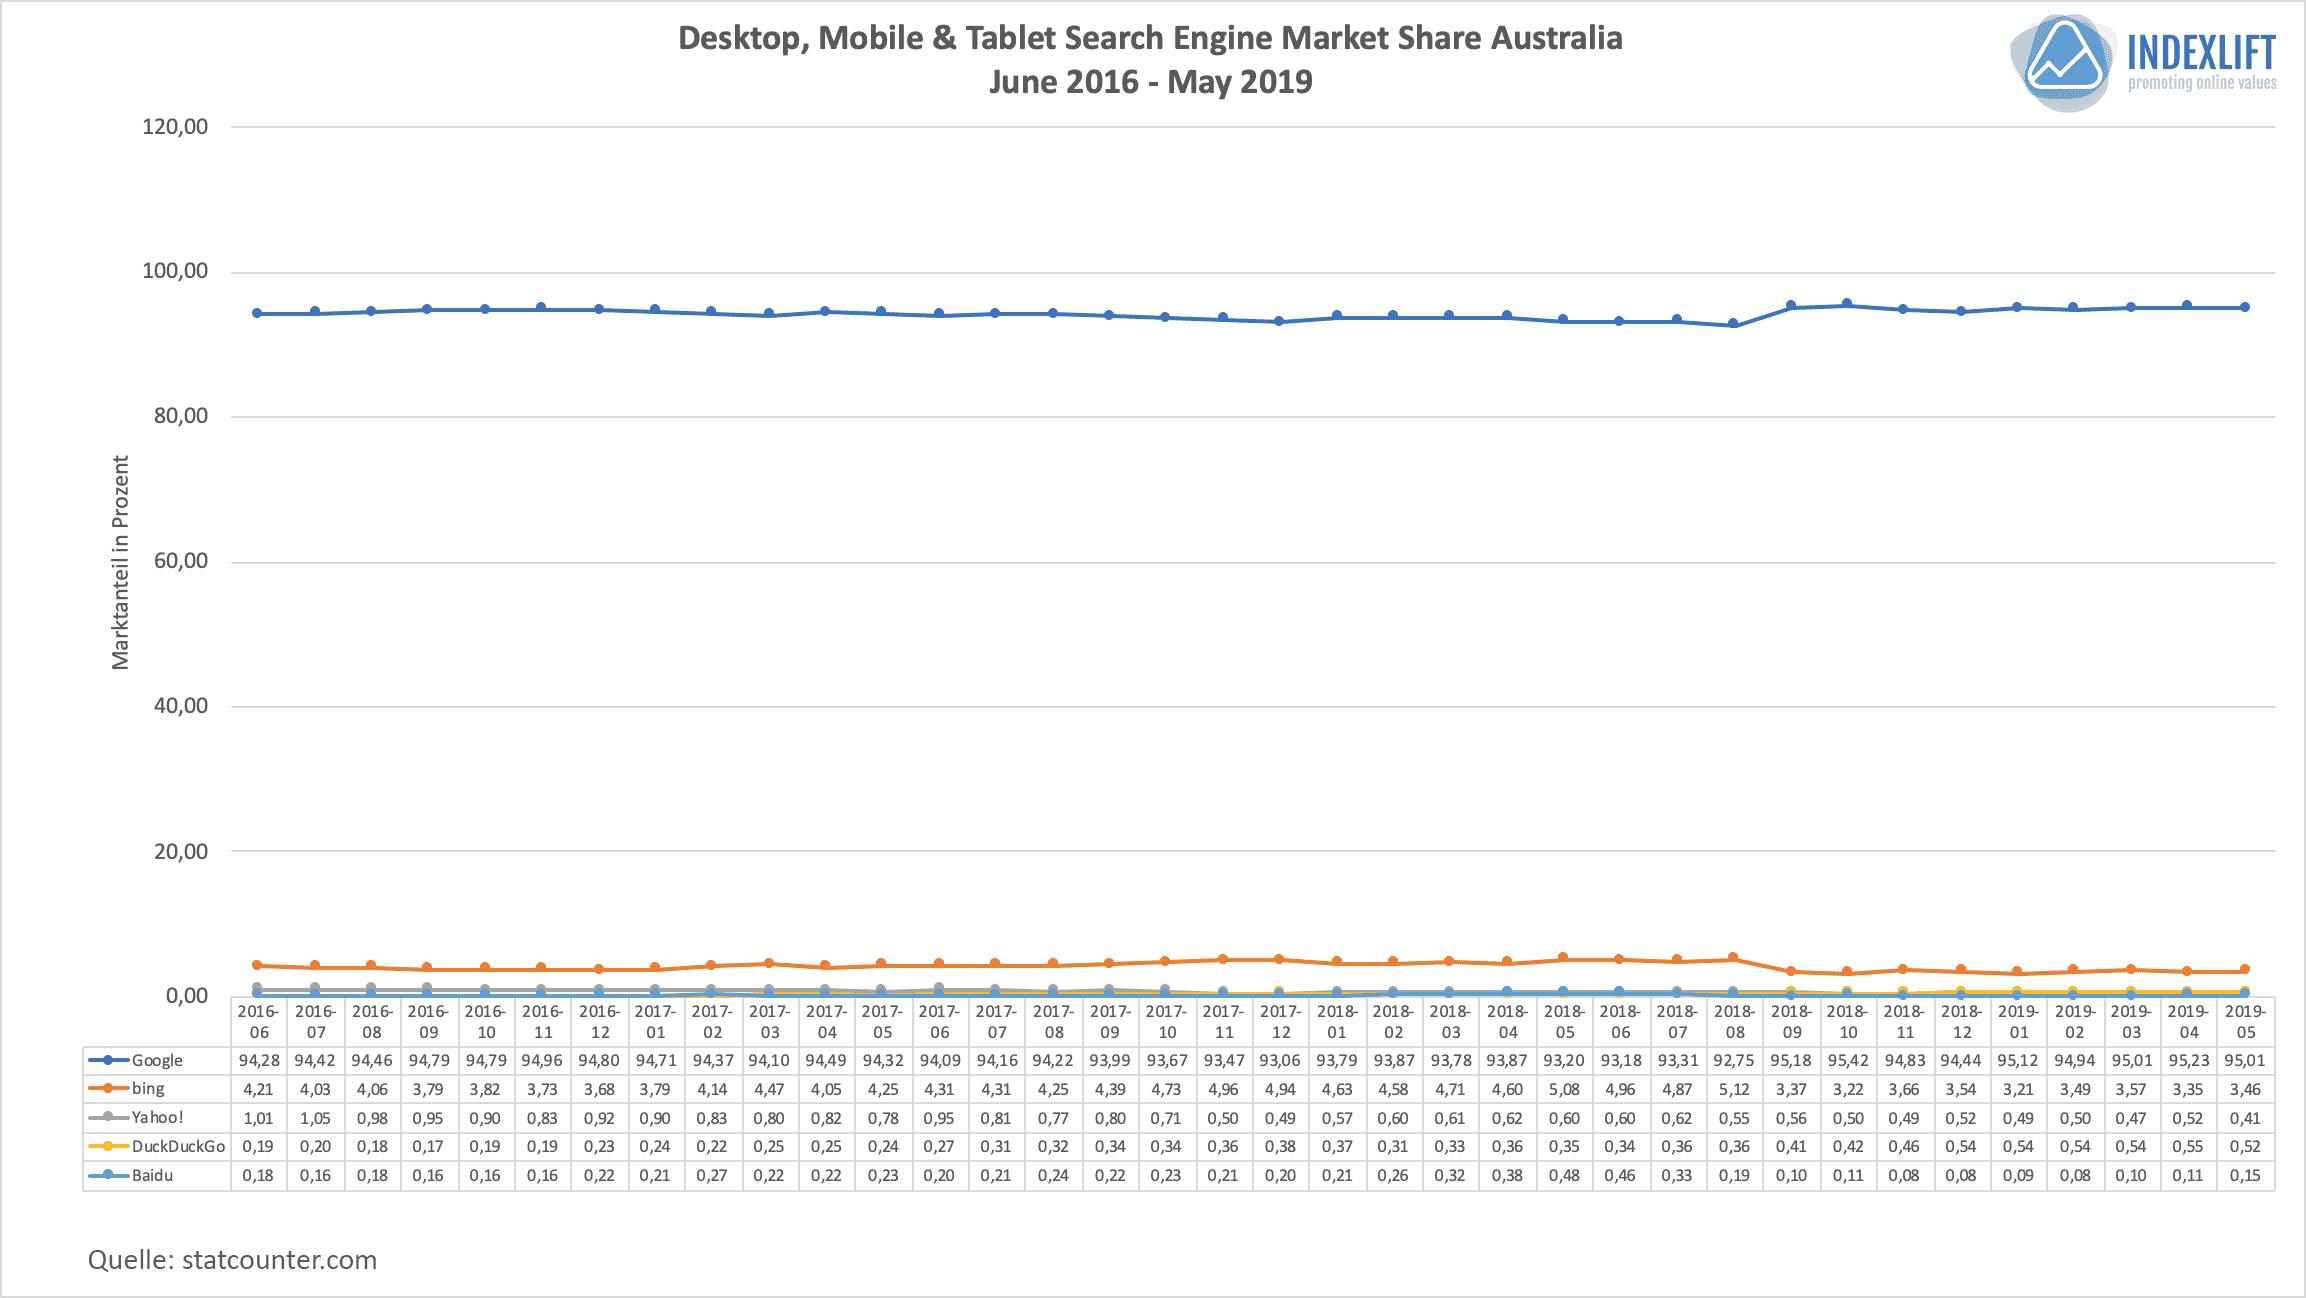 Marktanteile Suchmaschinen - Verteilung in Australien